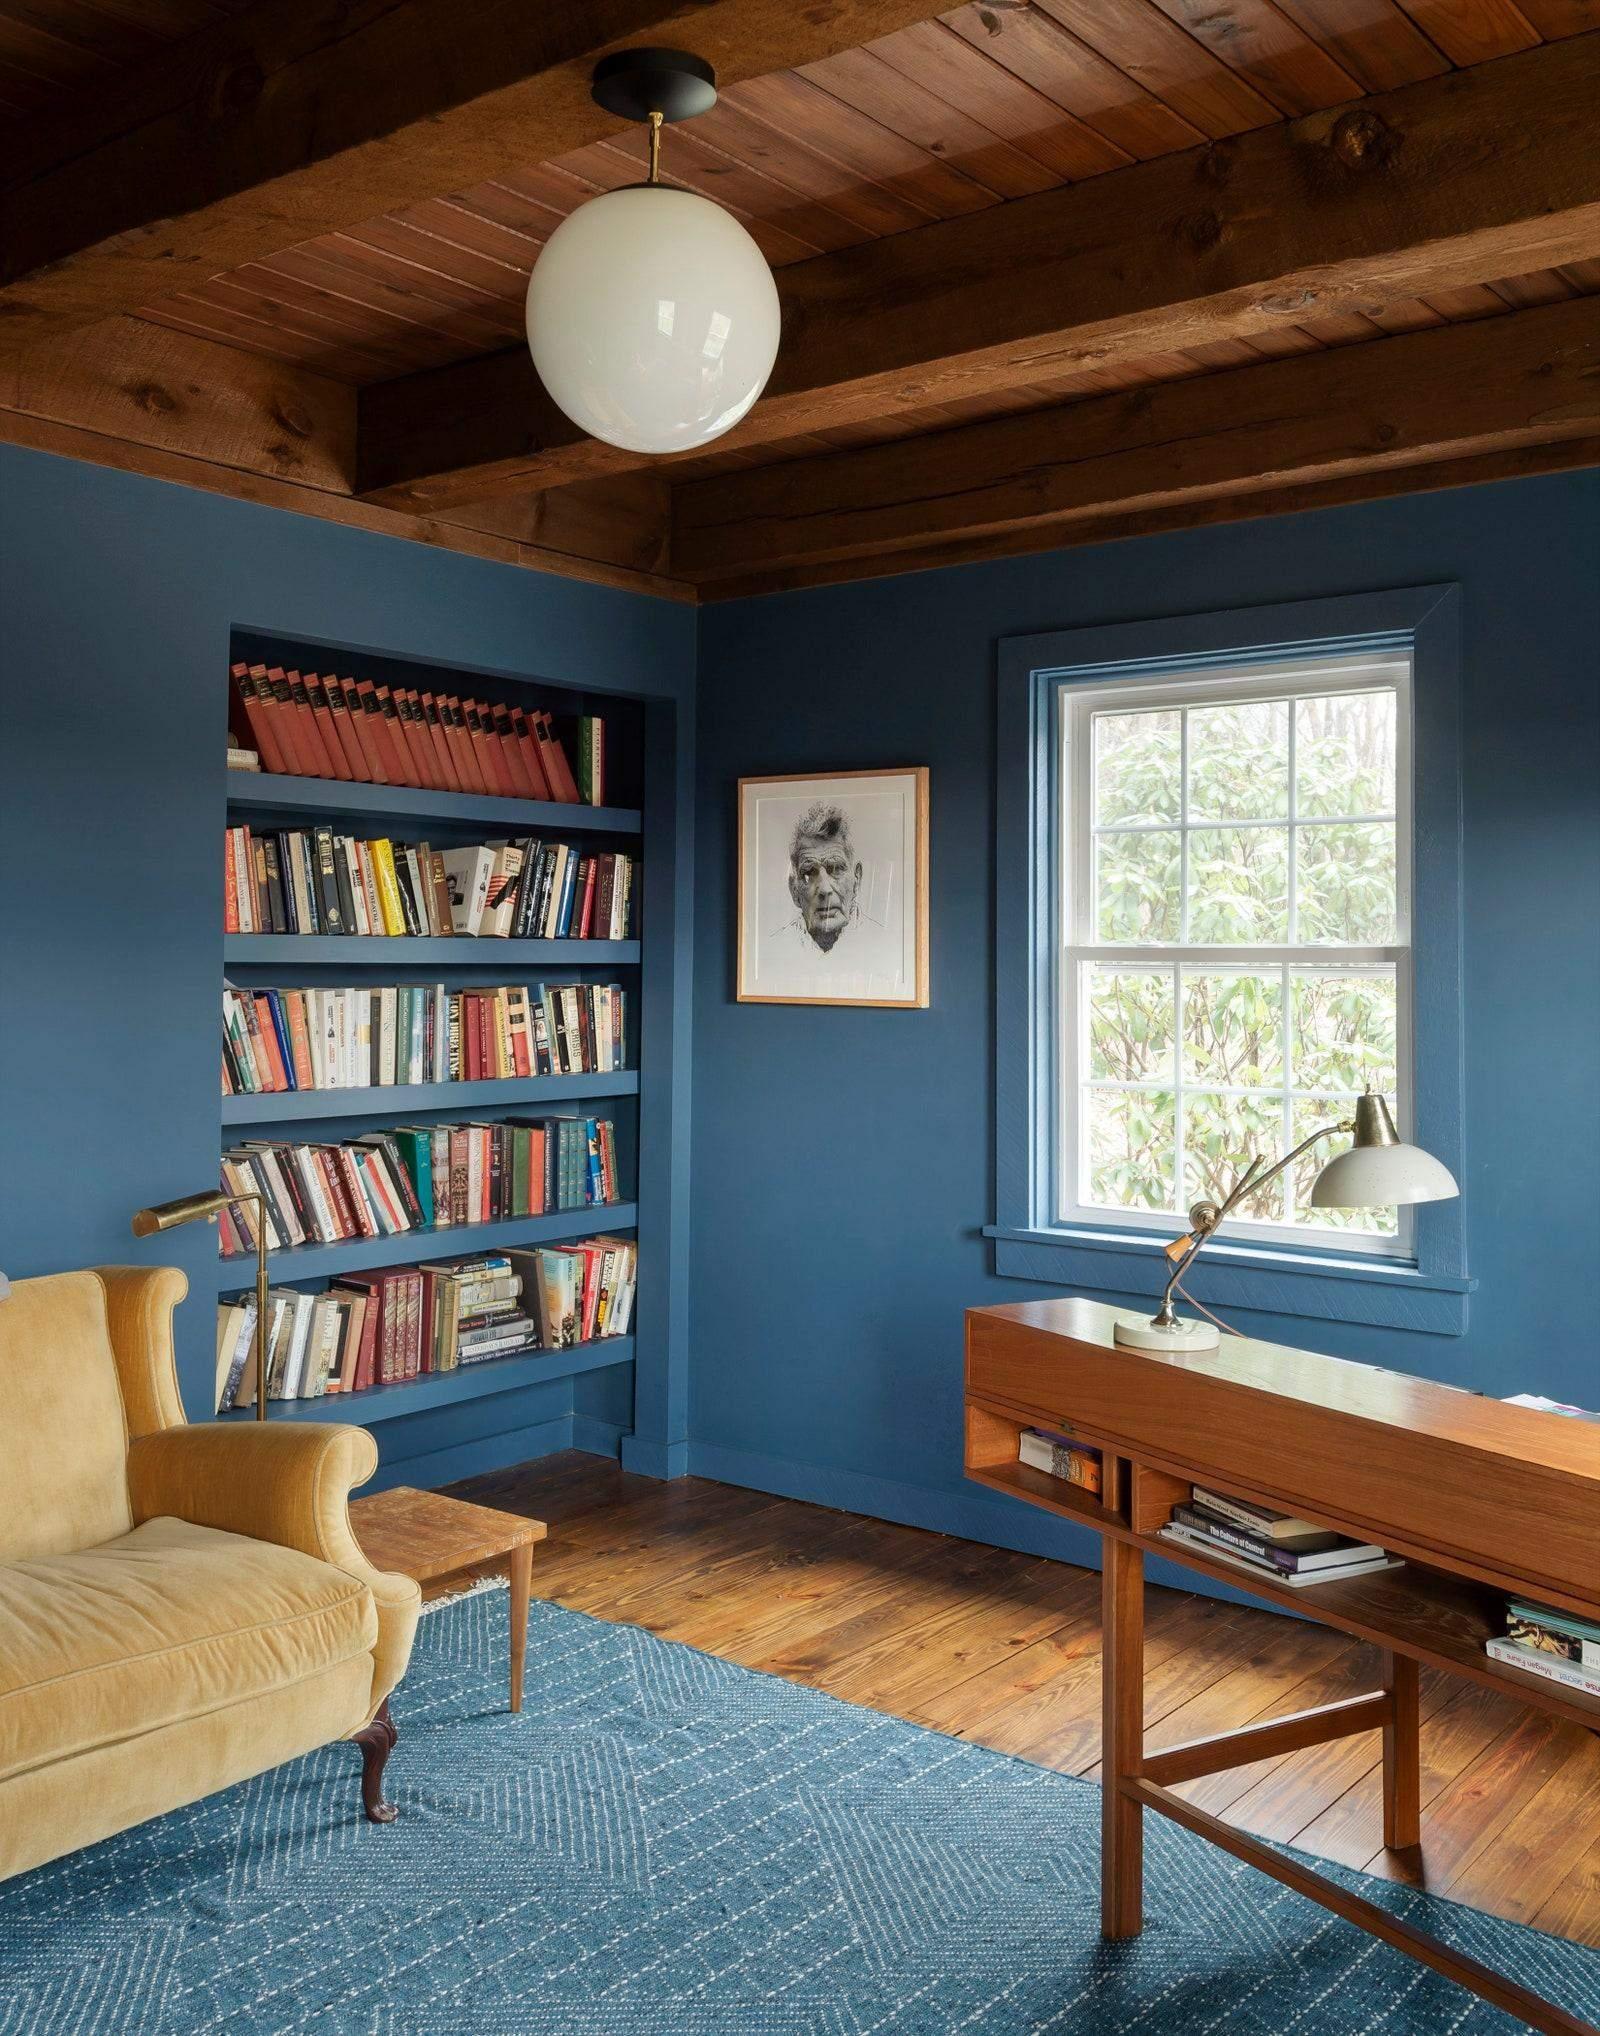 Кабінет у приглушених відтінках синього